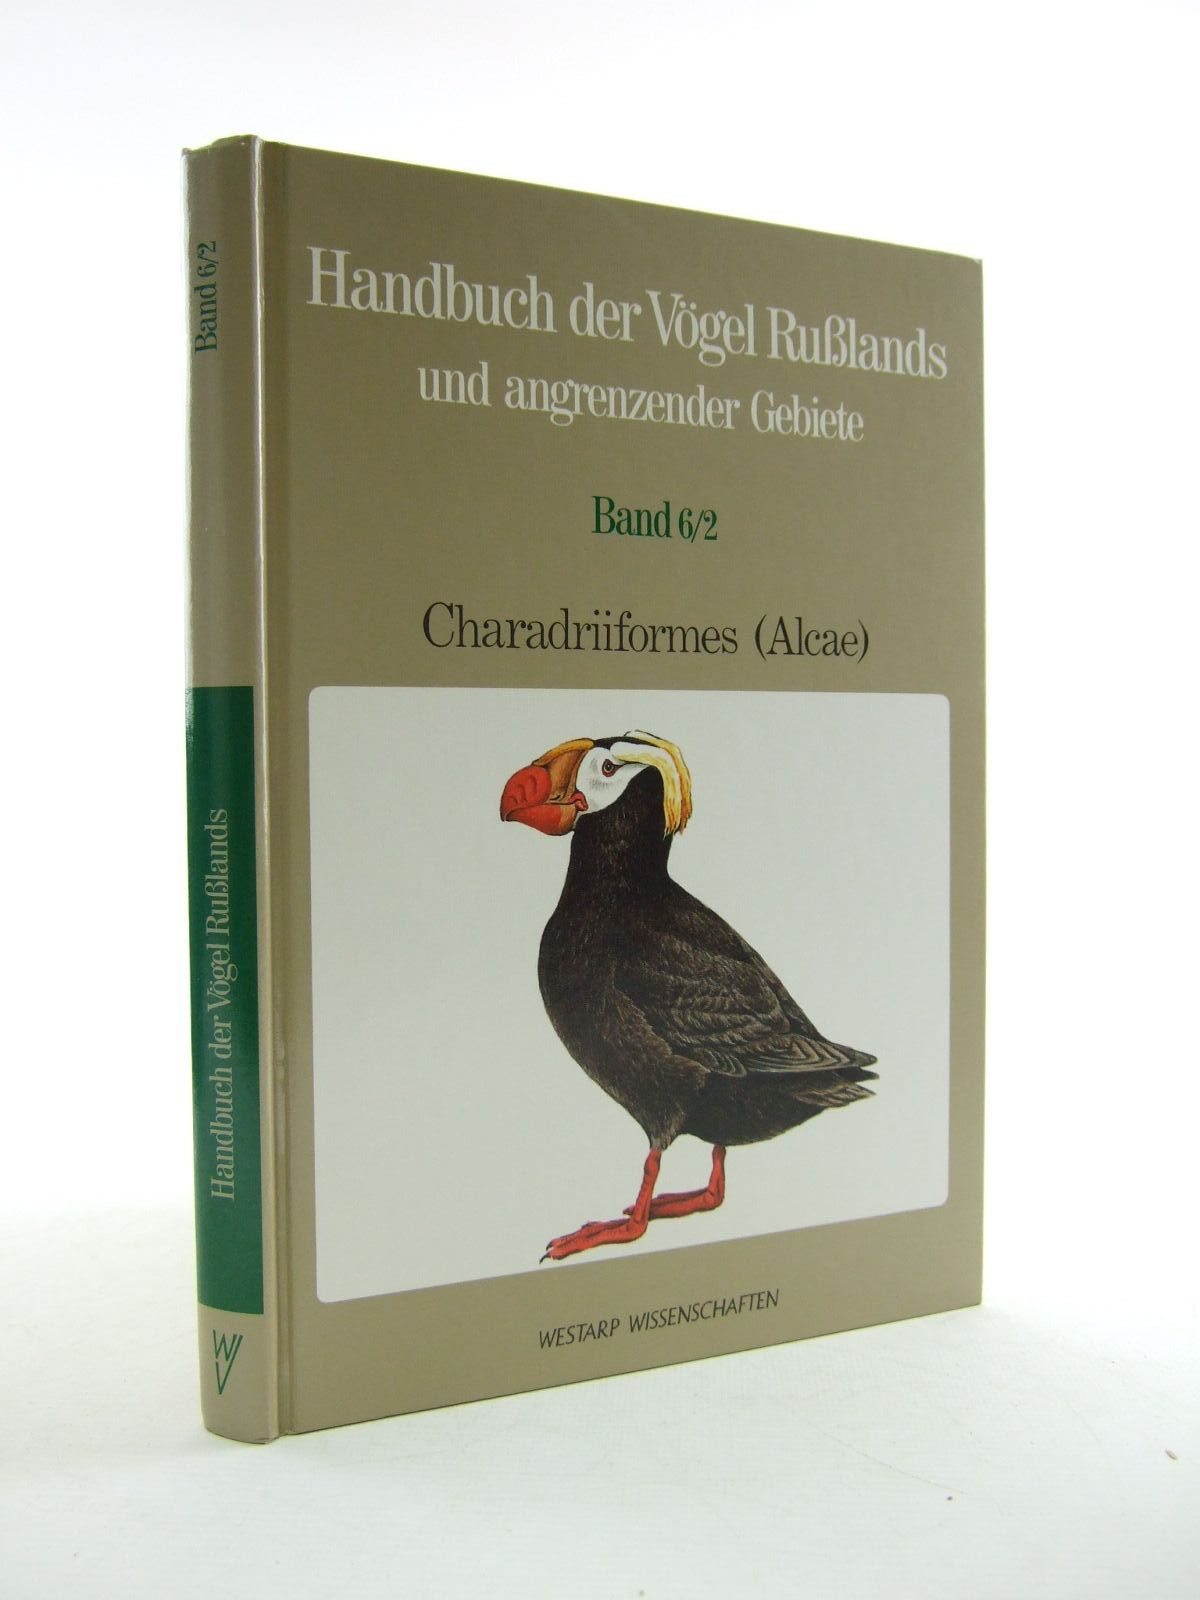 Photo of HANDBUCH DER VOGEL RUSLANDS UND ANGRENZENDER GEBIETE BAND 6/2 written by Flint, V.E. Golovkin, A.N. published by Westarp Wissenschaften (STOCK CODE: 1206634)  for sale by Stella & Rose's Books